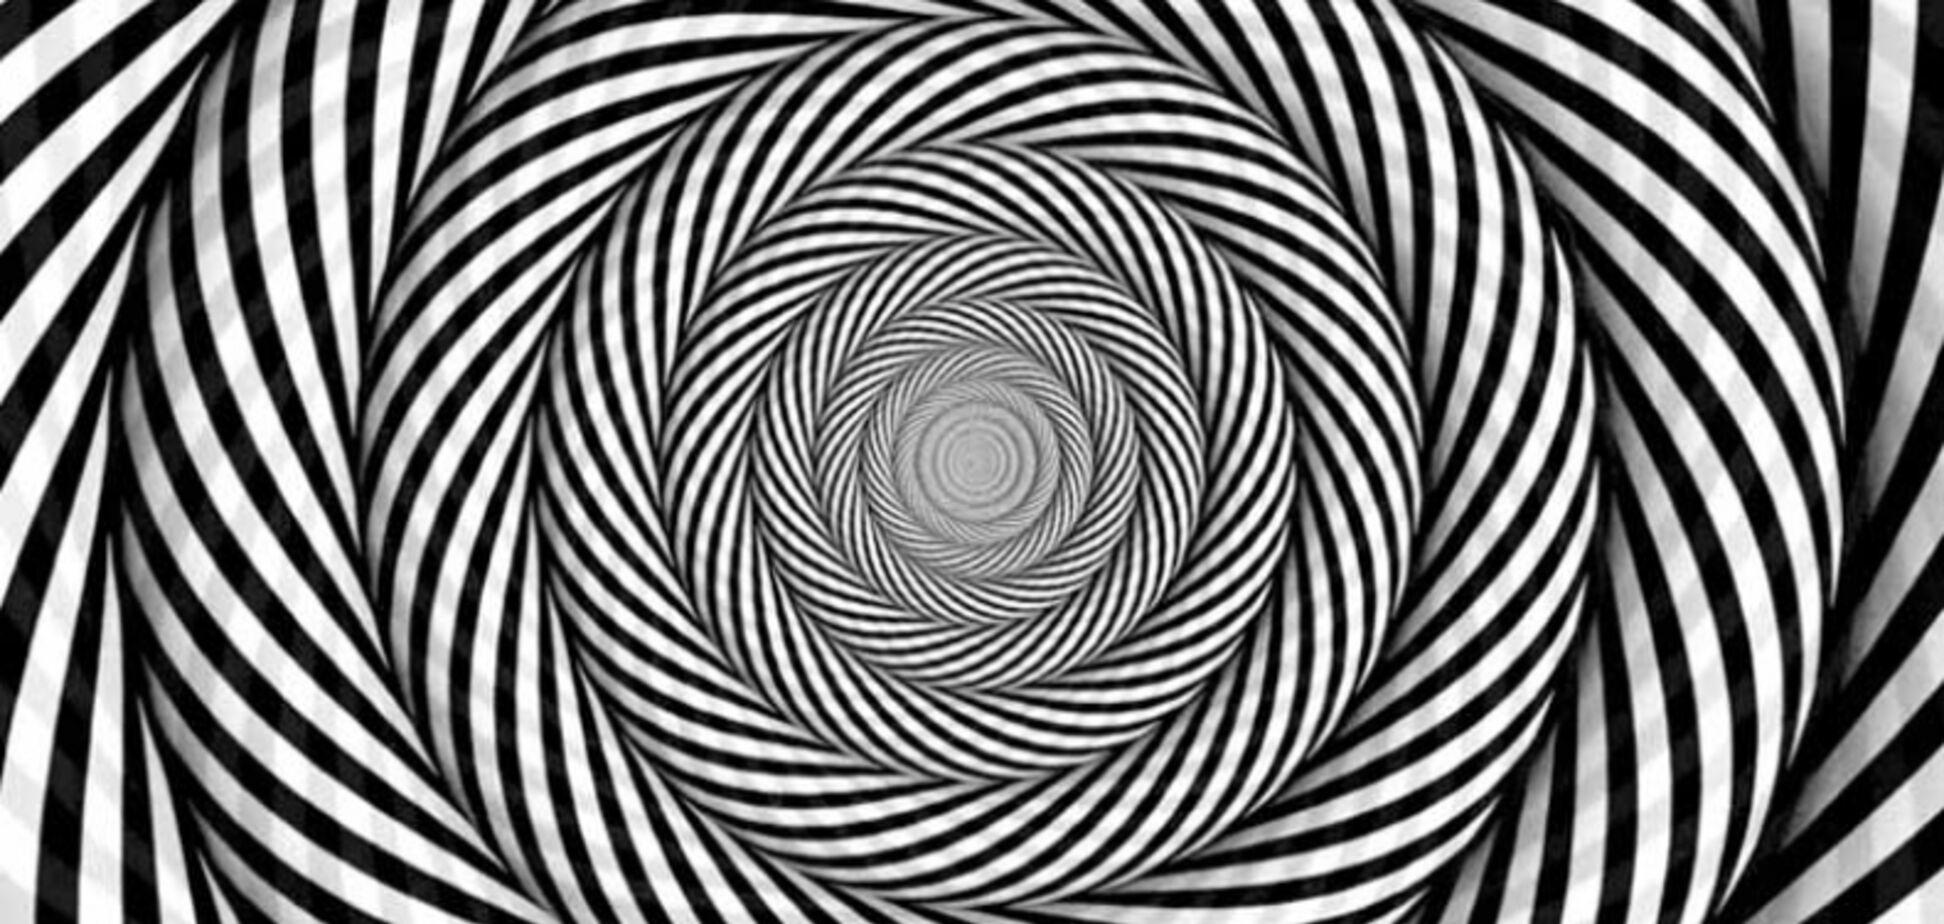 Как защититься от цыганского гипноза: психолог дала простой совет